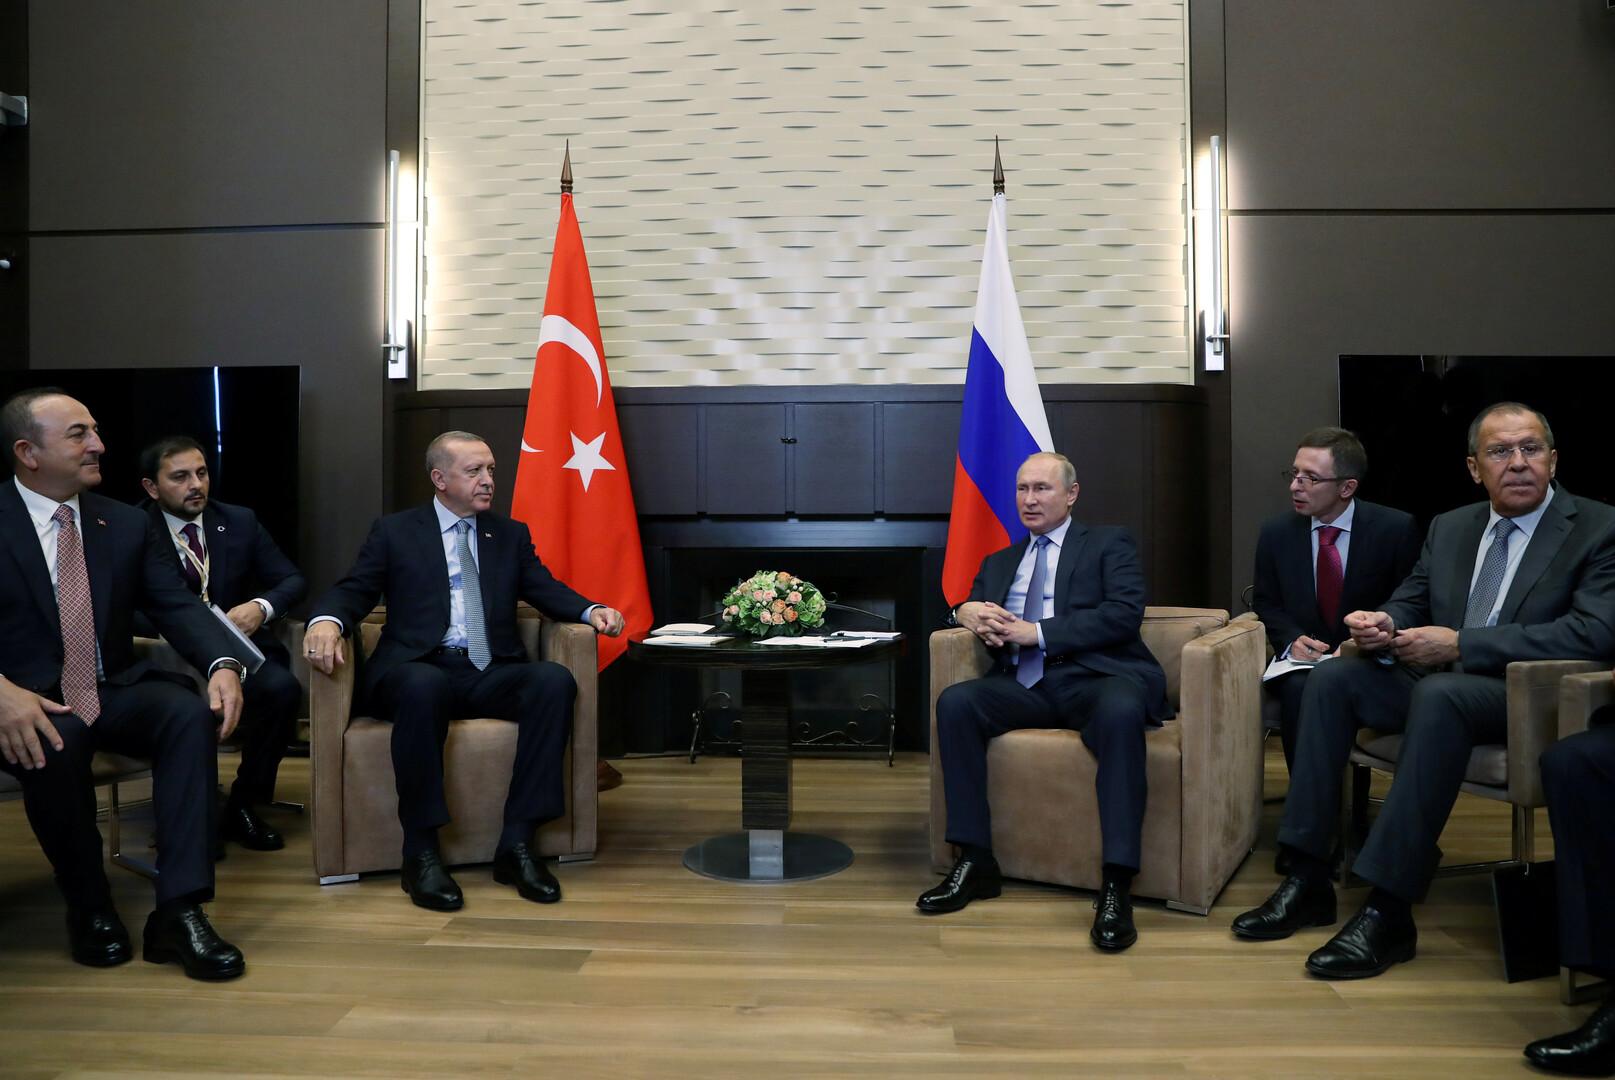 محادثات بوتين وأردوغان في سوتشي مستمرة منذ 5 ساعات